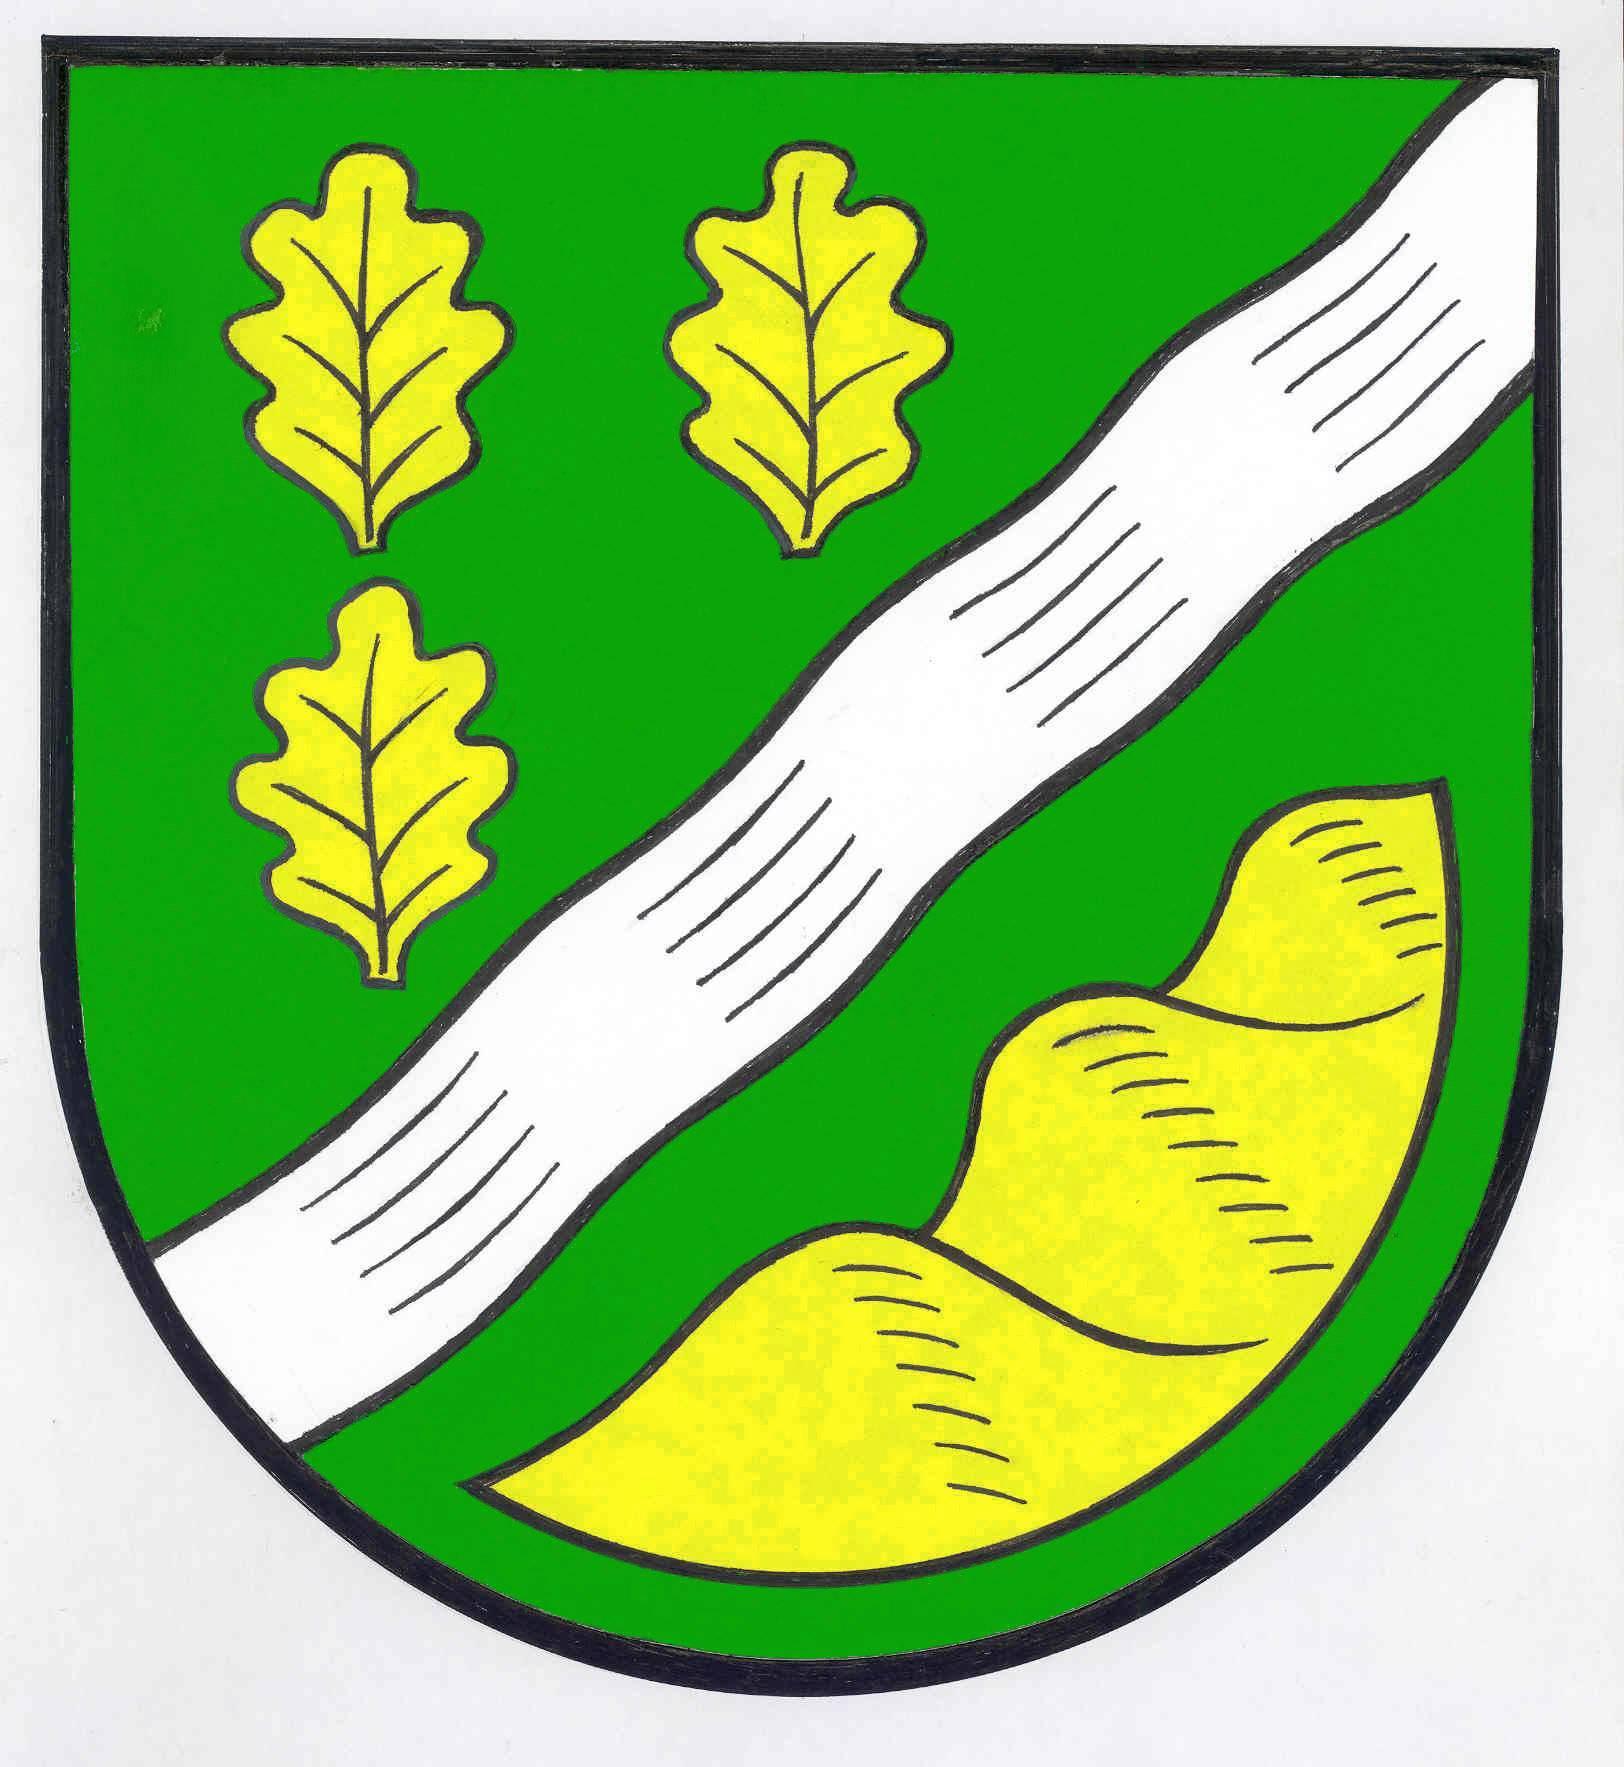 Wappen GemeindeRehm-Flehde-Bargen, Kreis Dithmarschen